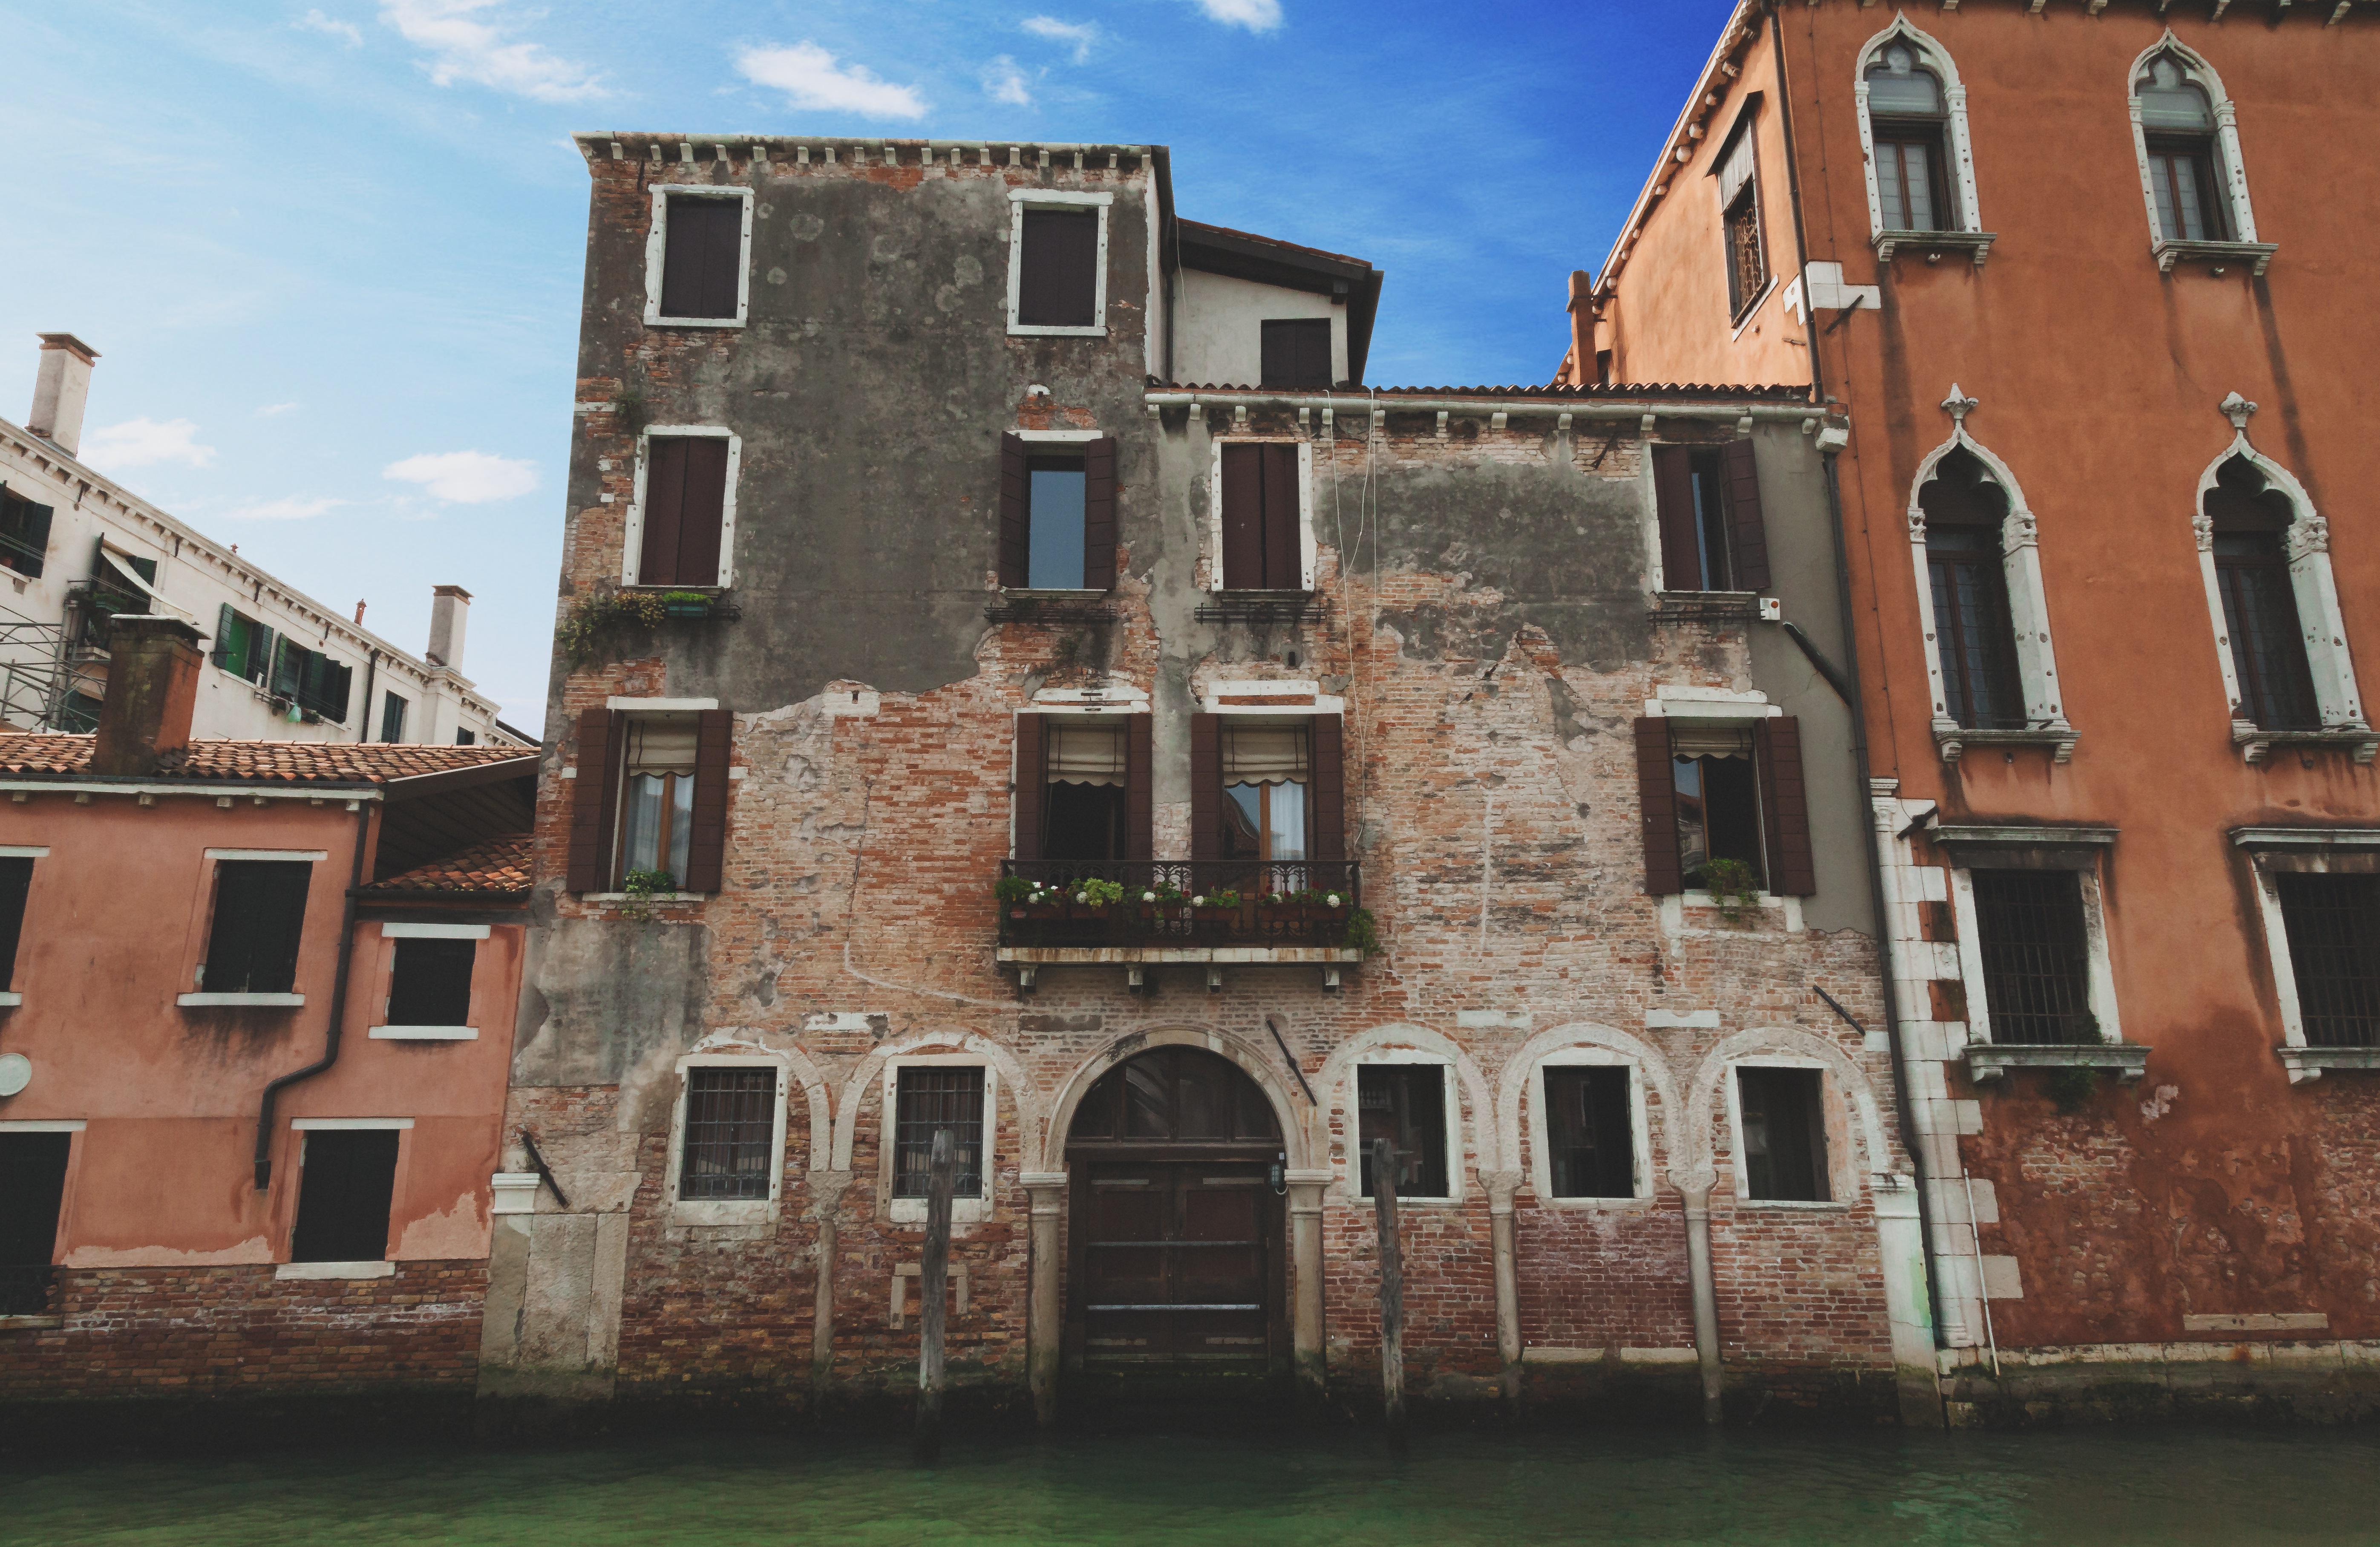 Hintergrundbilder : Fenster, Stadt, Italien, die Architektur, See ...